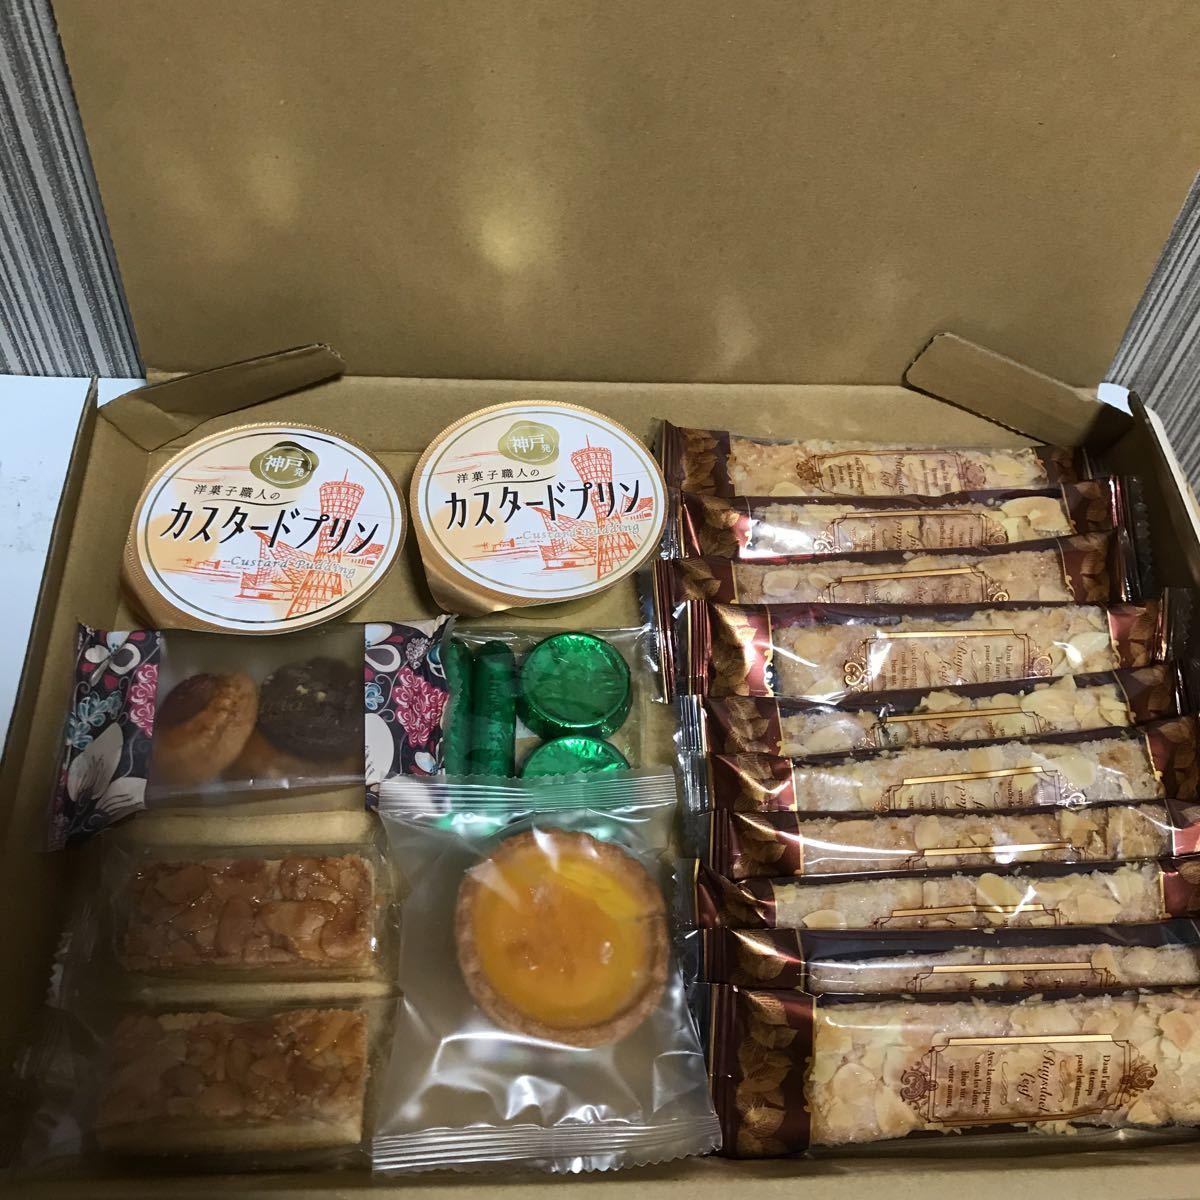 おお菓子詰め合わせ ロイスダール アマンドリーフパイ&神戸カスタードプリン&千疋屋フルーツタルト、高級フロランタン入り